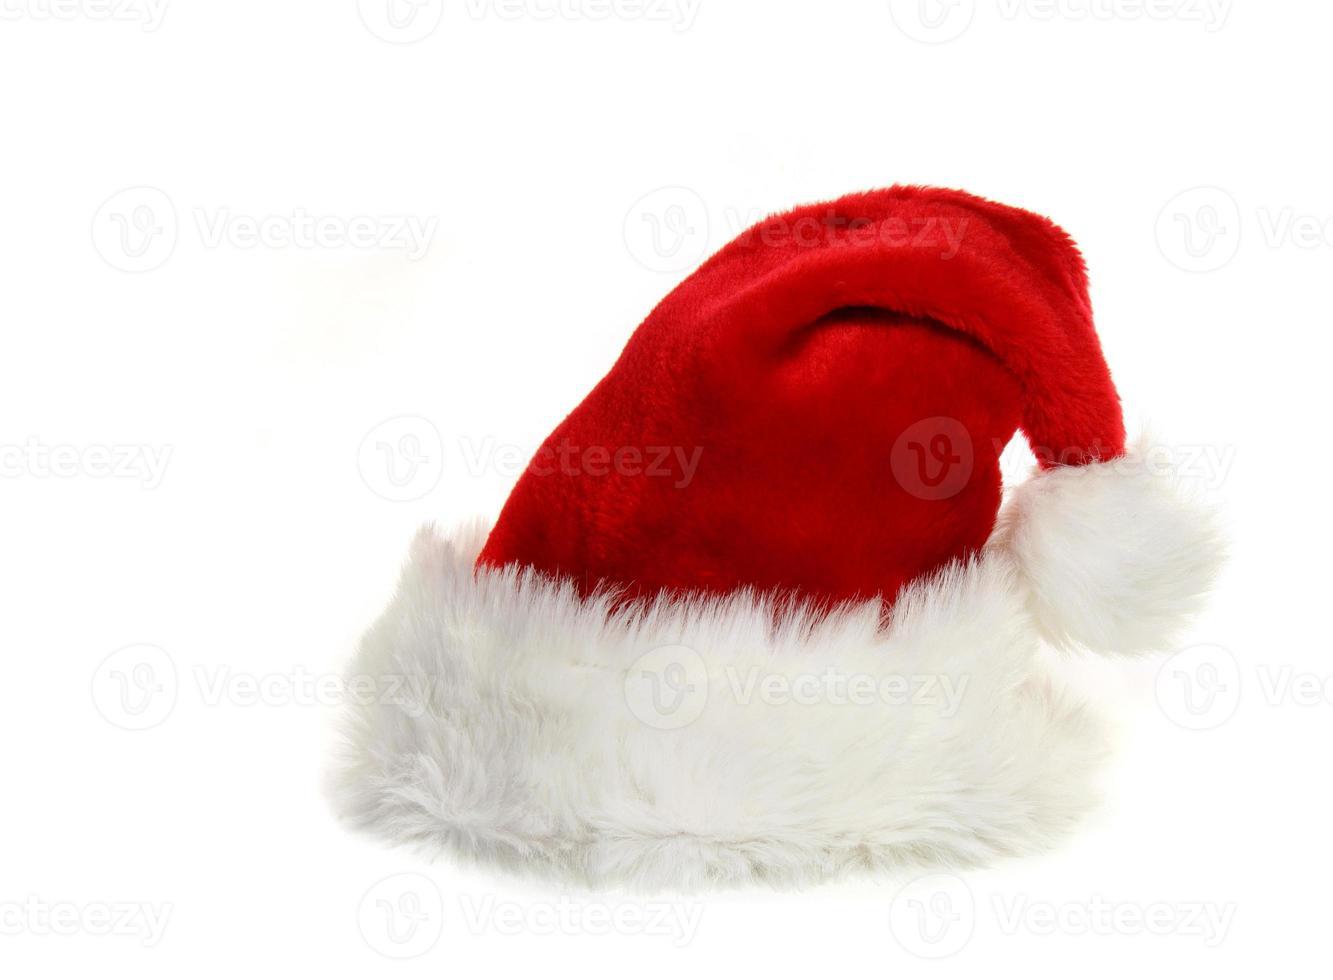 kerstman hoed op wit foto